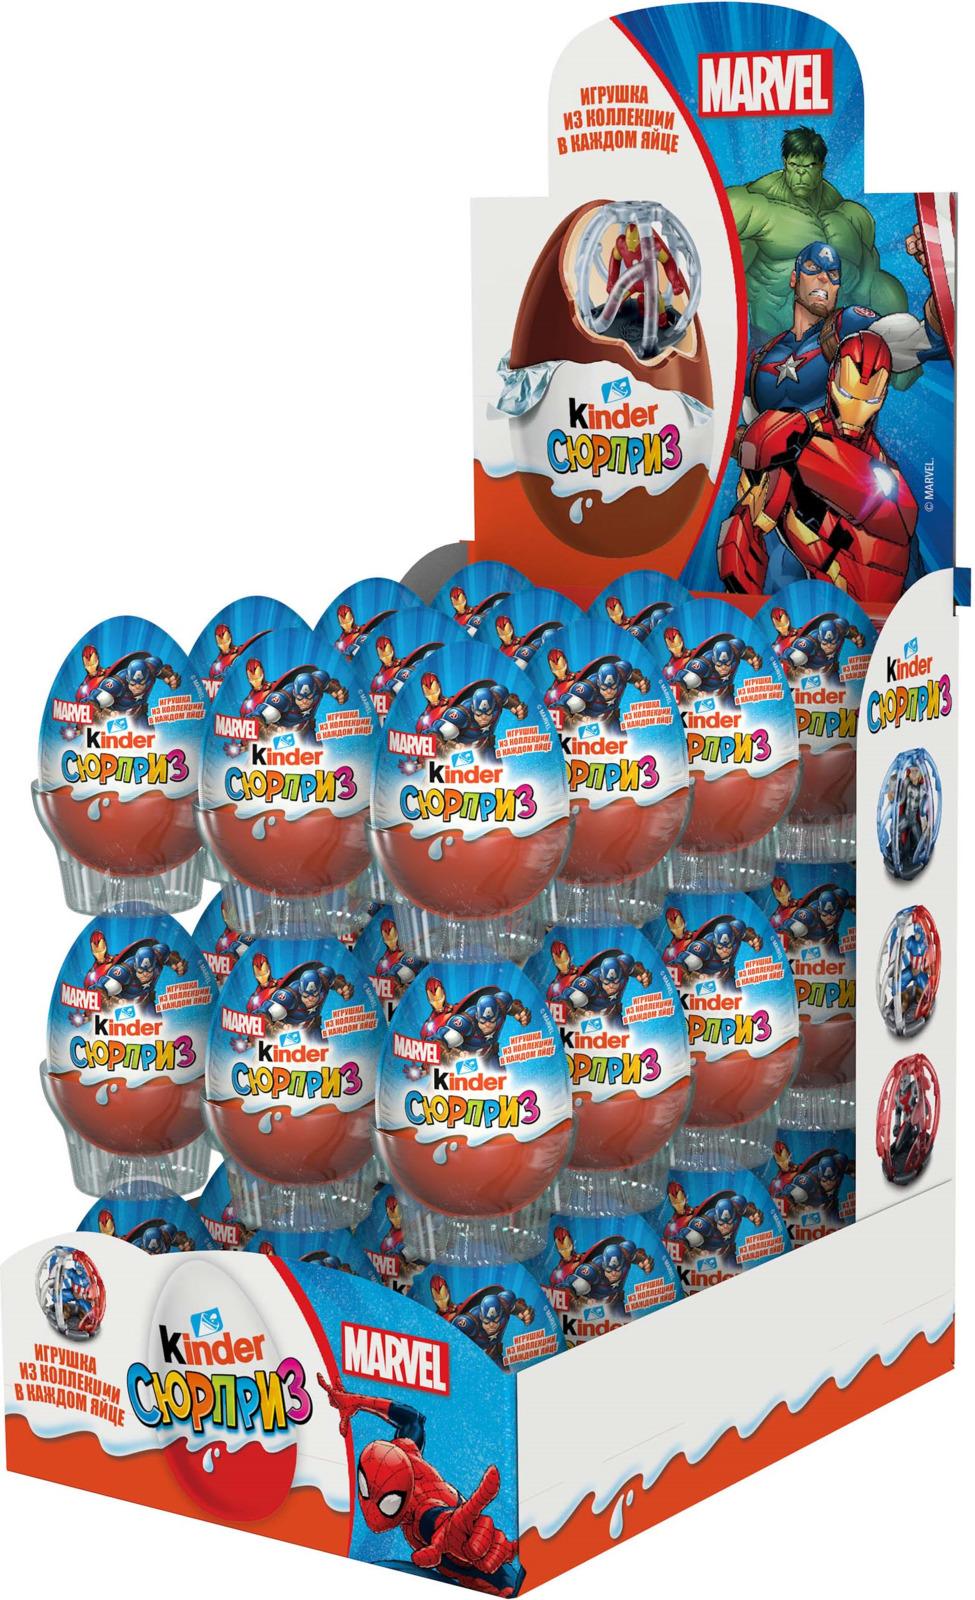 Шоколадное яйцо Kinder Сюрприз лицензия Марвел, из молочного шоколада, c молочным внутренним слоем и игрушкой внутри, 36 шт по 20 г09020000000745«Kinder Сюрприз – яйцо из молочного шоколада с белым молочным внутренним слоем, содержащее игрушку-сюрприз. Молочный шоколад высокого качества изготовлен специально для детей и содержит много молока. Все игрушки уникальны – они созданы специально для Kinder Сюрприза». Рекомендуем!